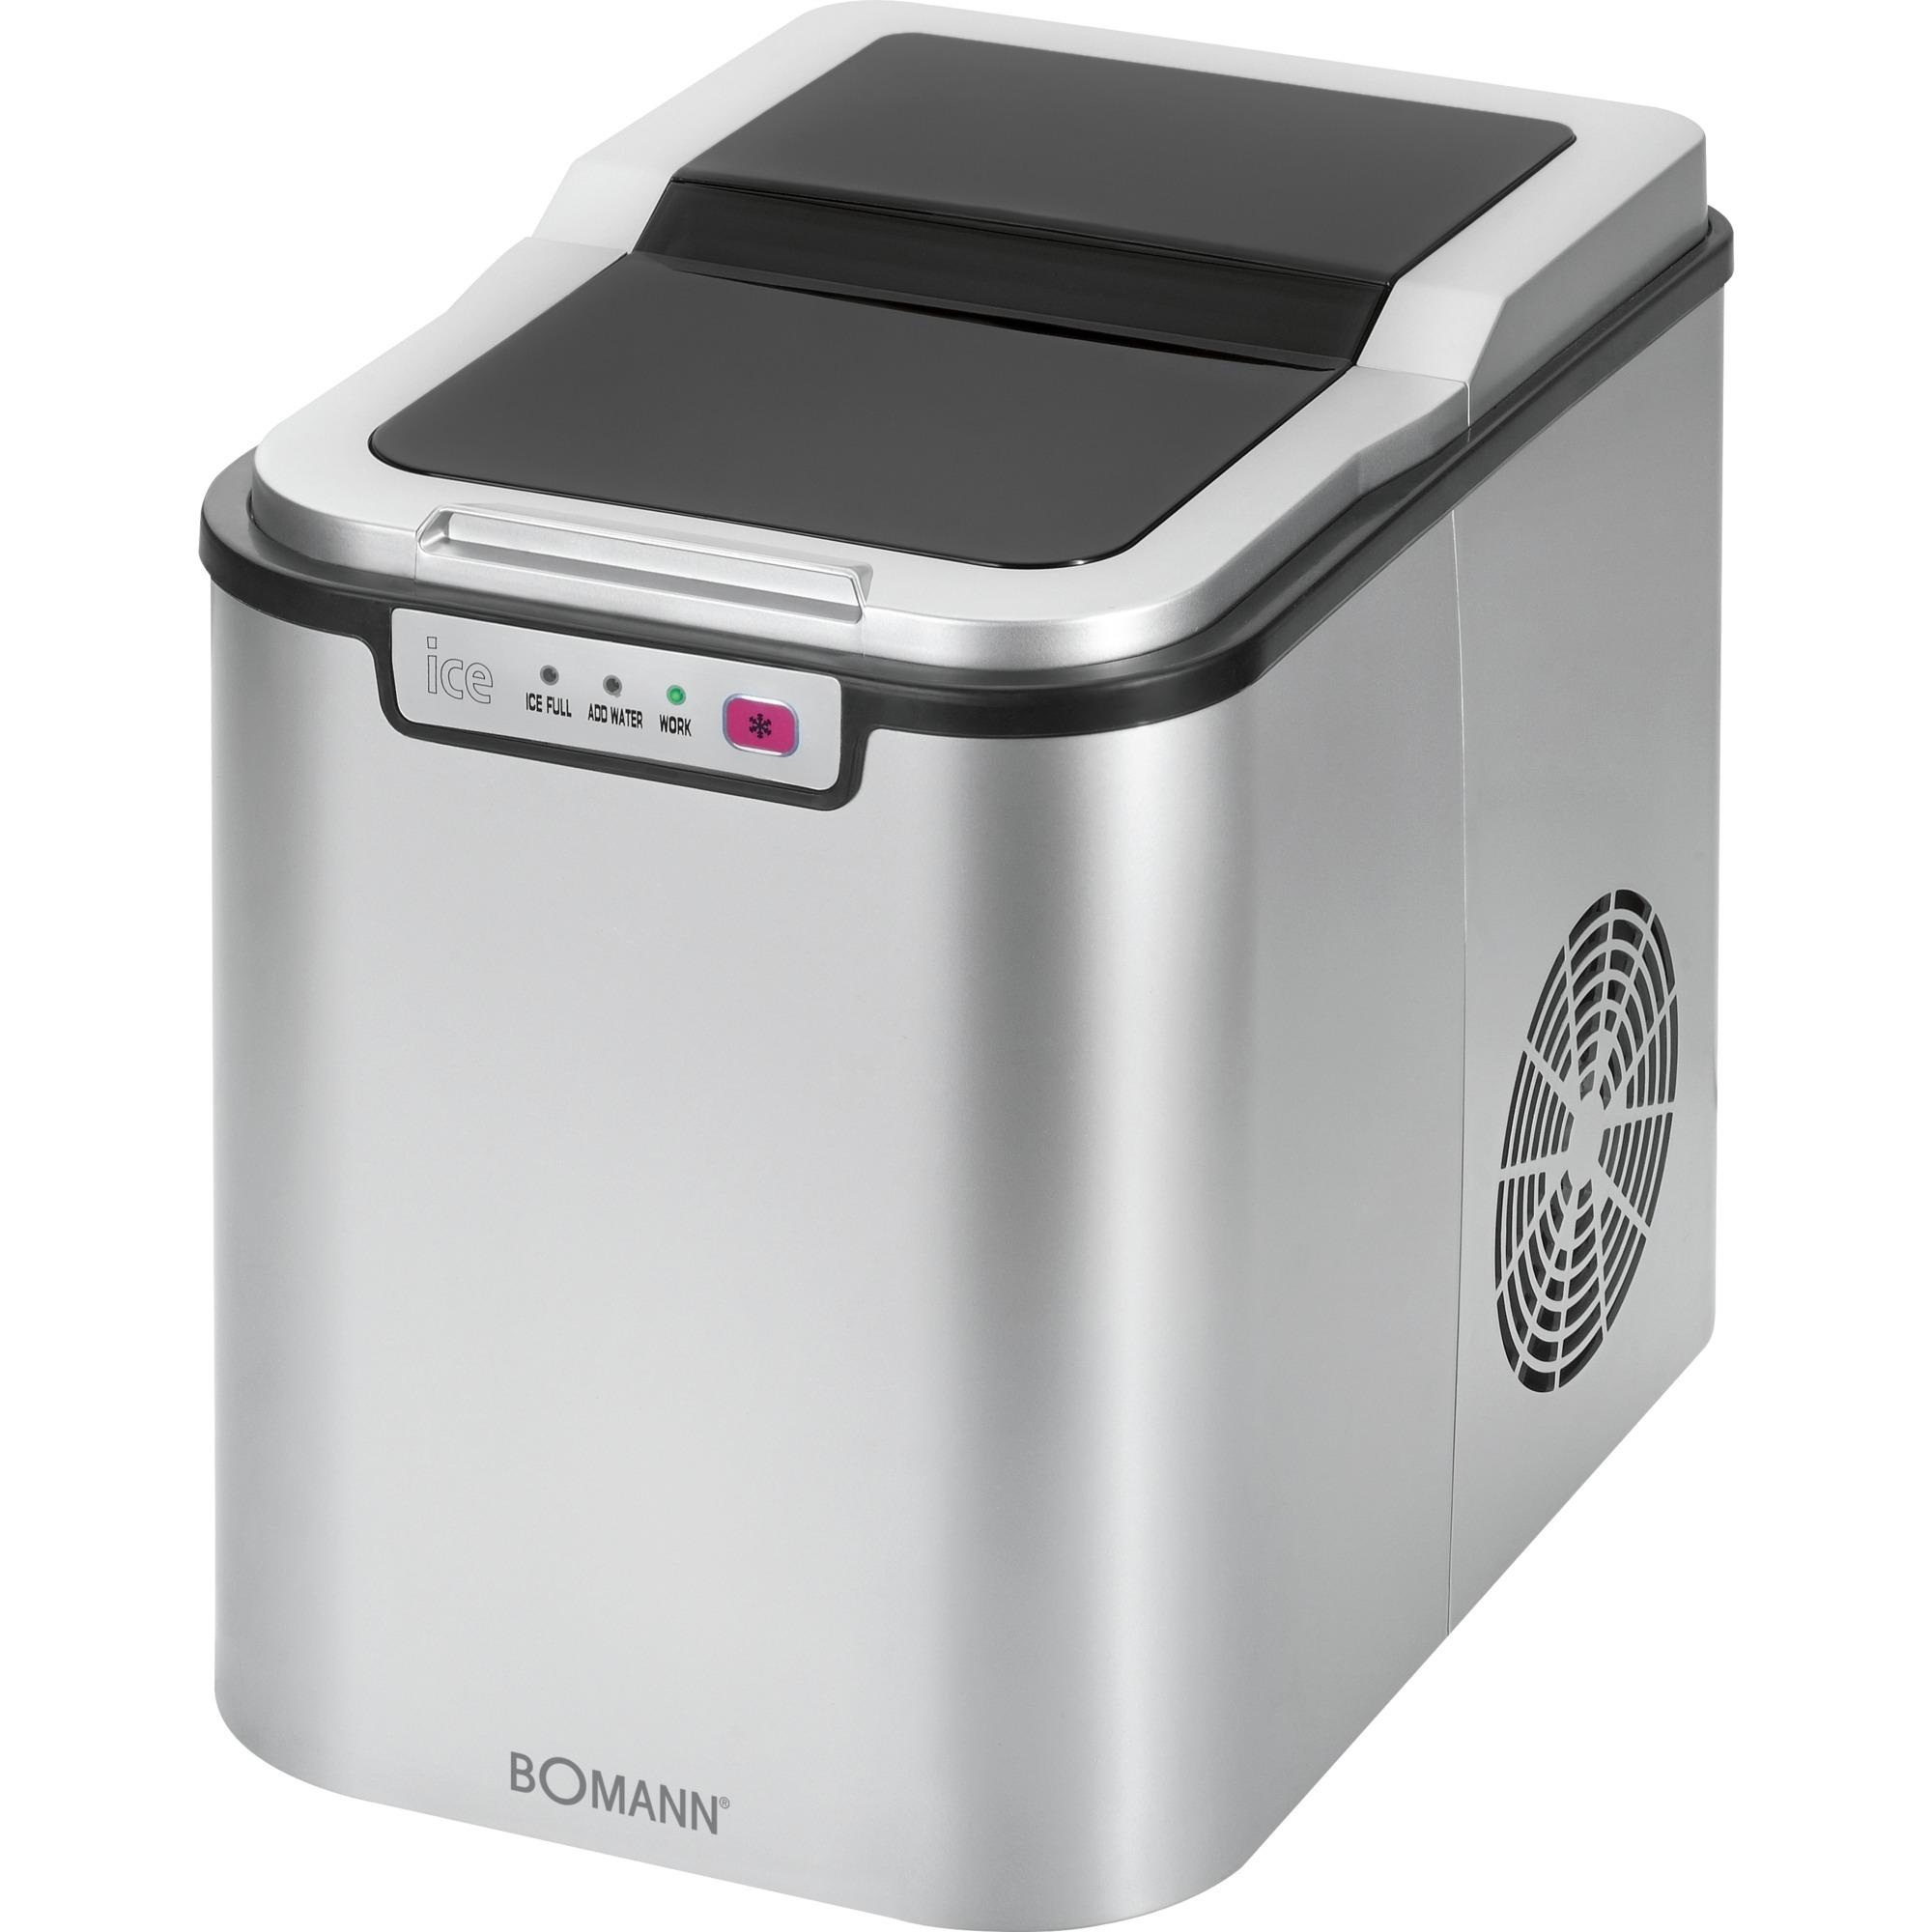 EWB 1027 CB 150 W 15 kg/24h Plata, Preparador de cubitos de hielo